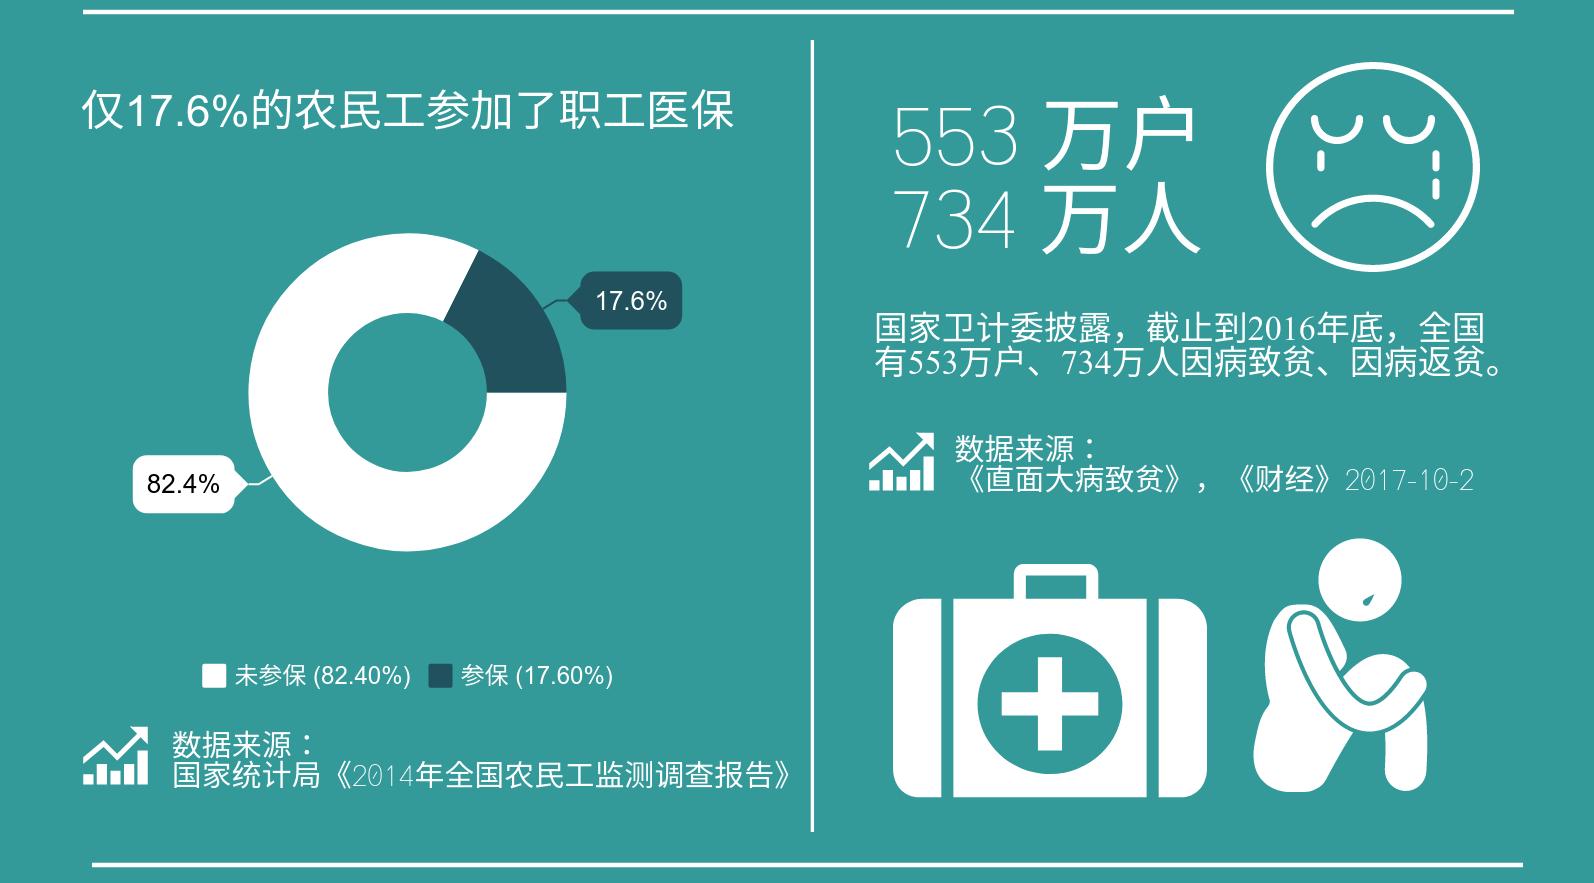 一图读懂:25省市将实现凭居住证参加居民医保